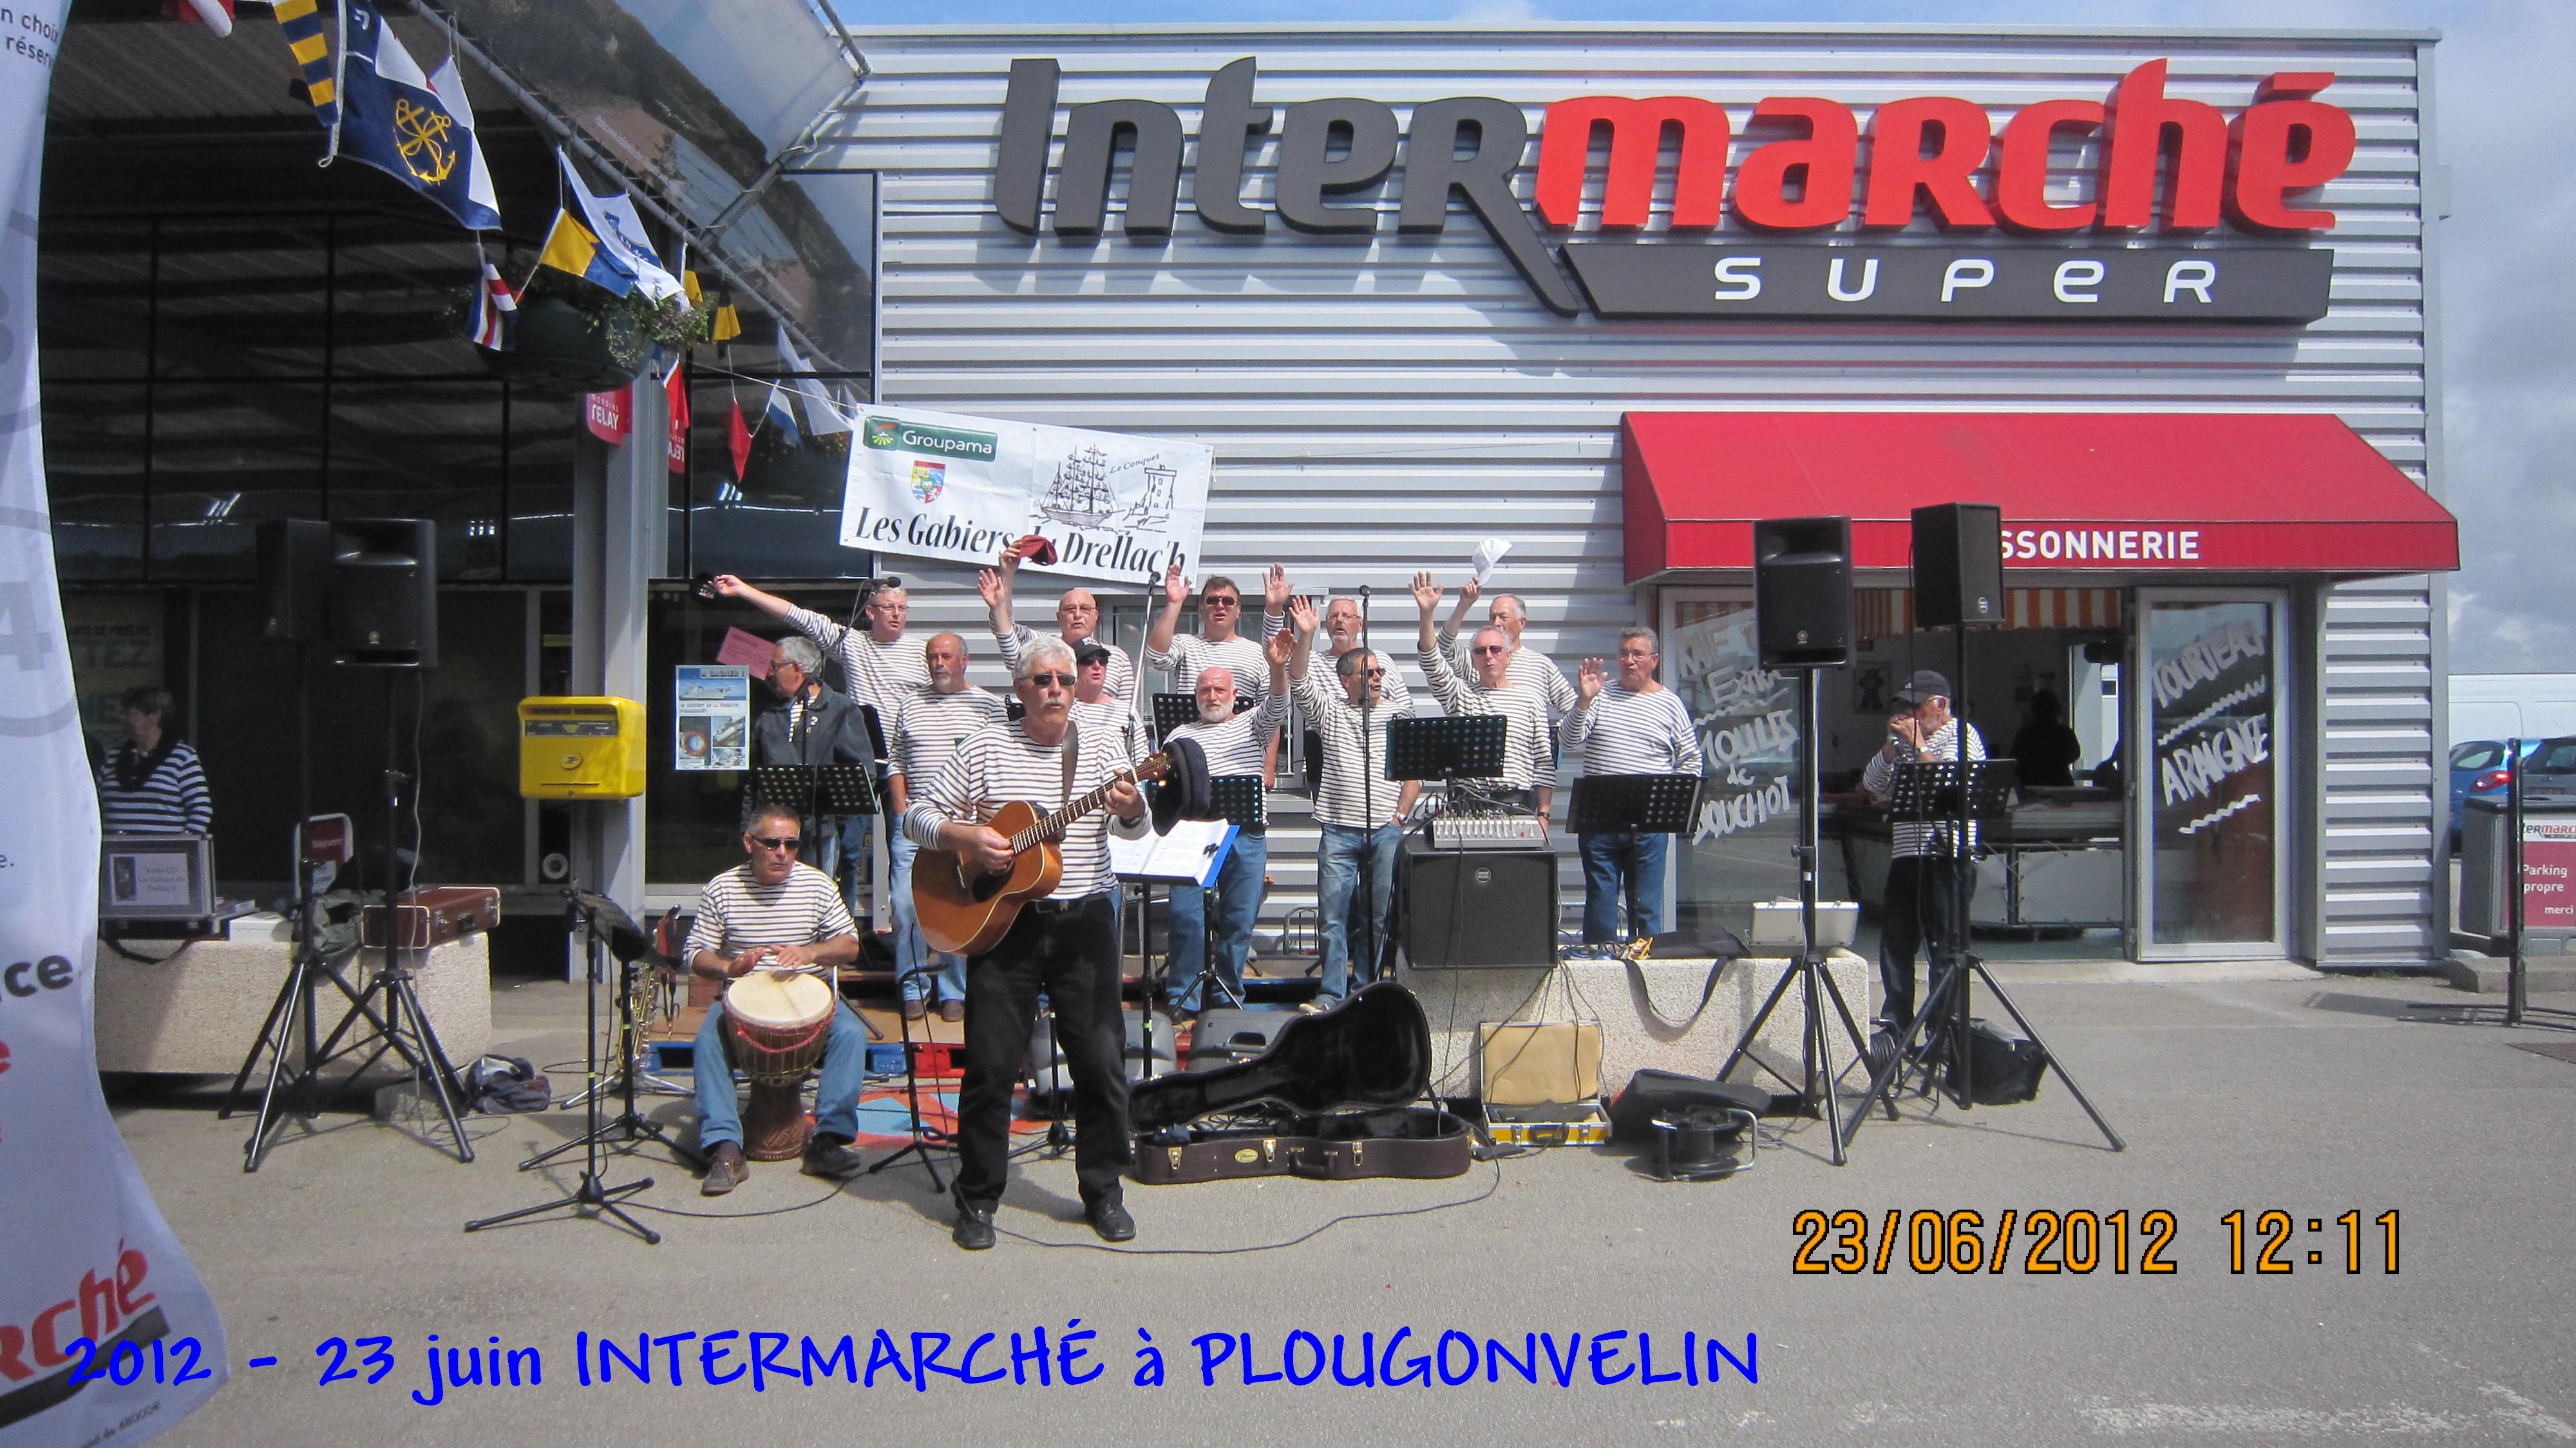 6 - Tonnerres de Brest 2012 Les gabiers du Drellach.jpg